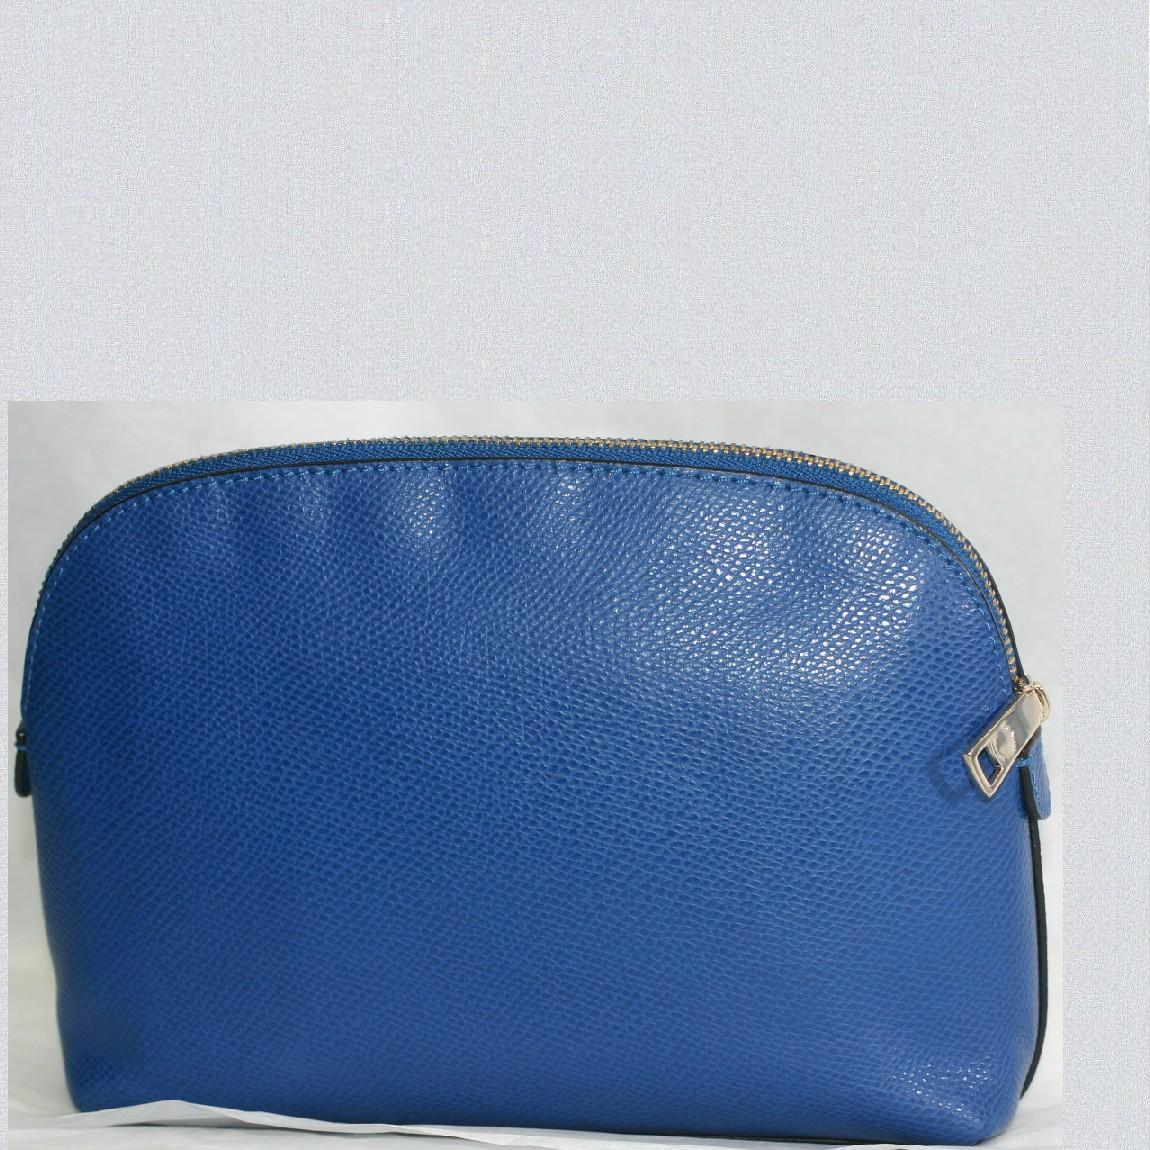 【中古】本物新品未使用コーチ女性用綺麗な青色革素材可愛いポーチM62957 サイズW22H14D6,5cm